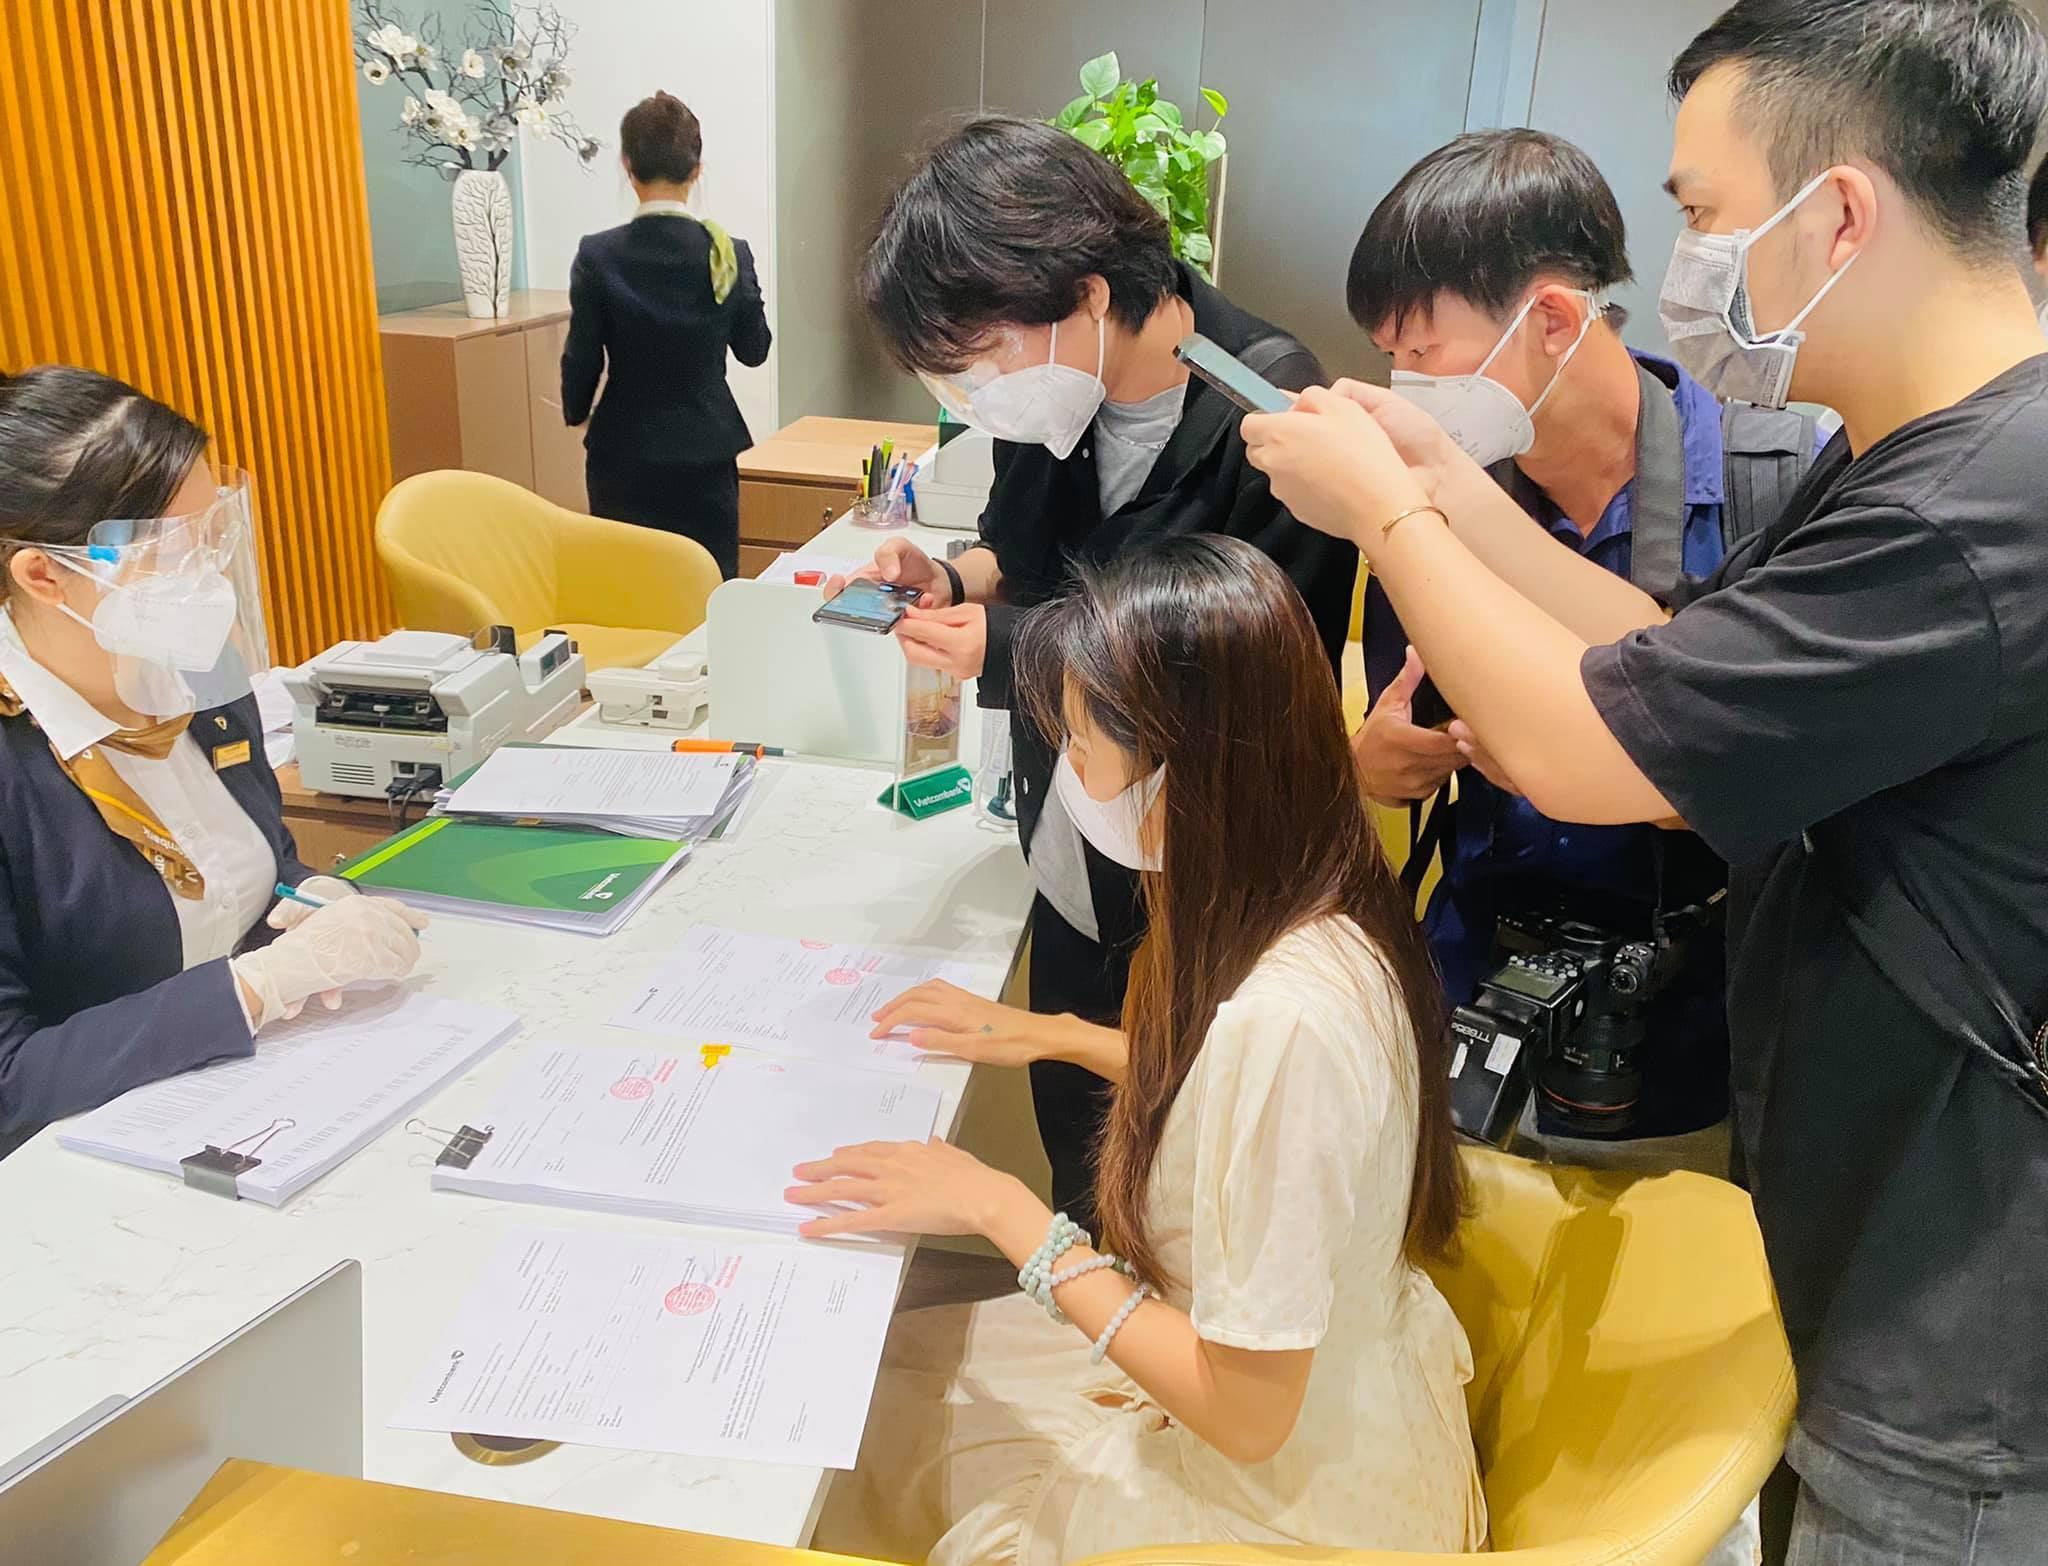 Thủy Tiên, Công Vinh công bố sao kê của 177 tỷ tiền từ thiện miền Trung